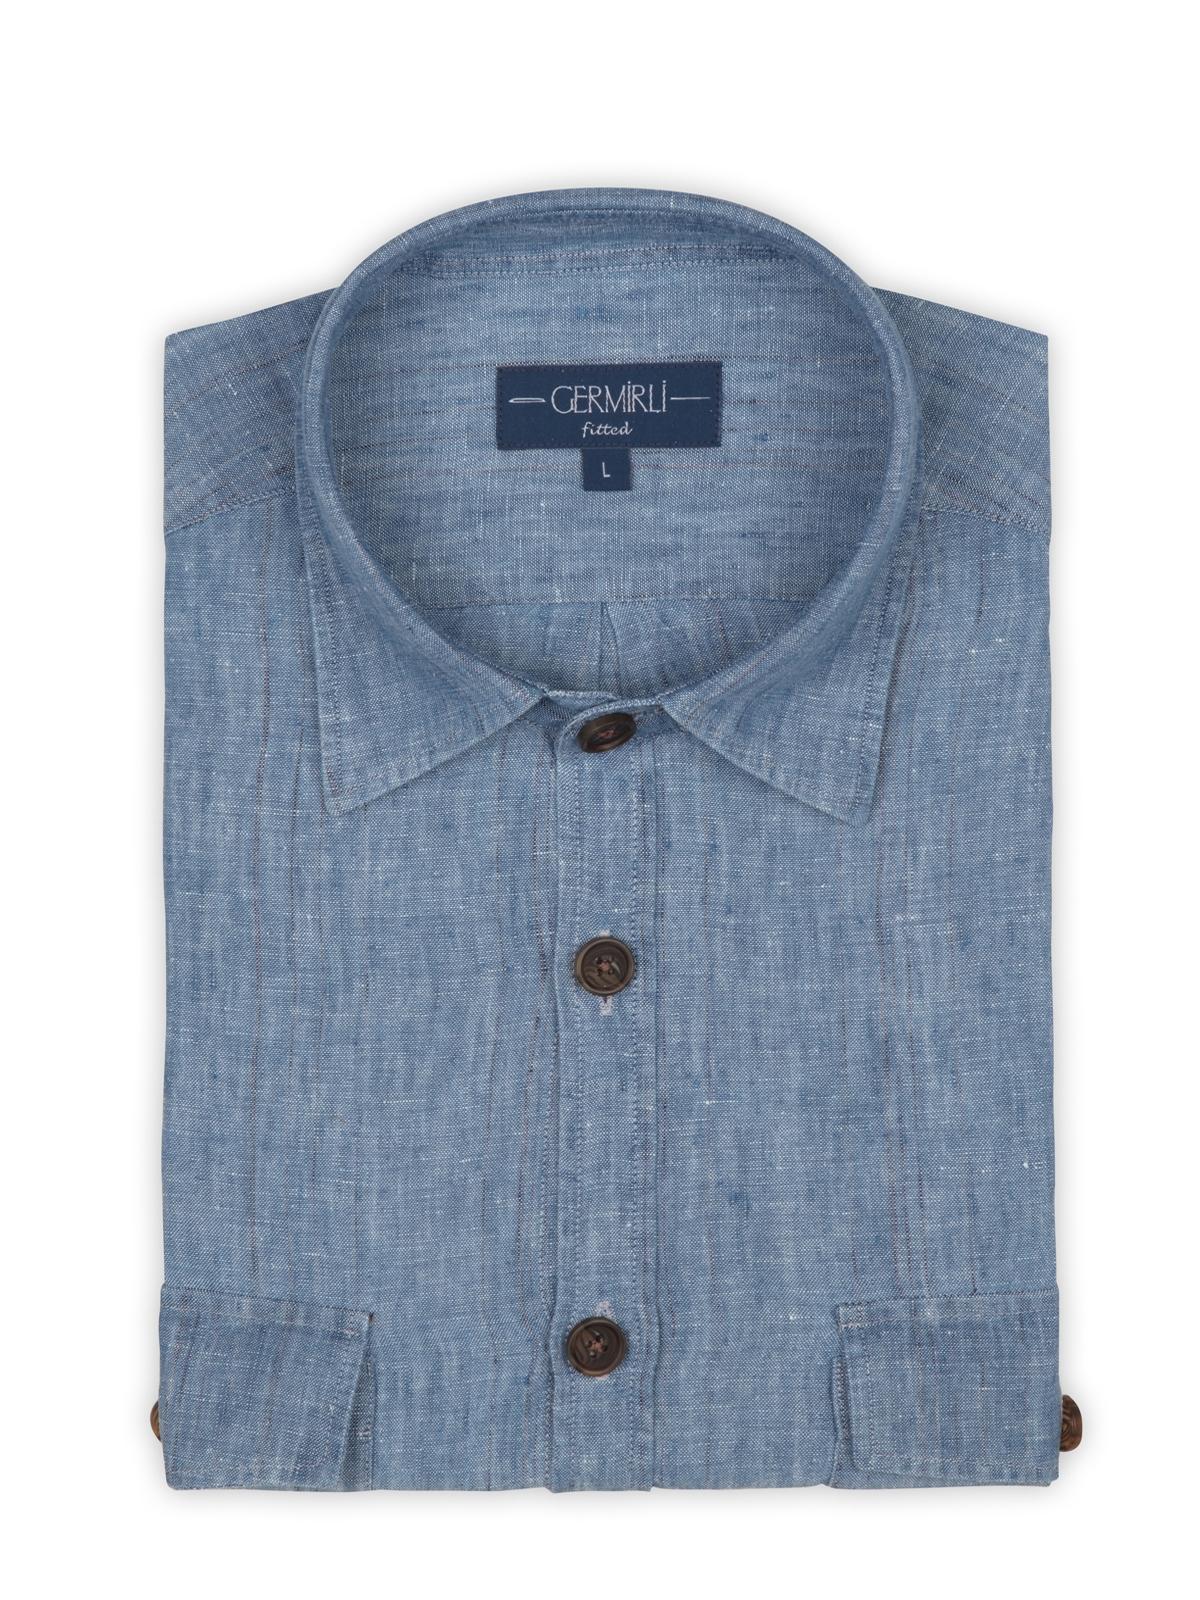 Germirli Mavi Melange Delave Keten Tailor Fit Ceket Gömlek